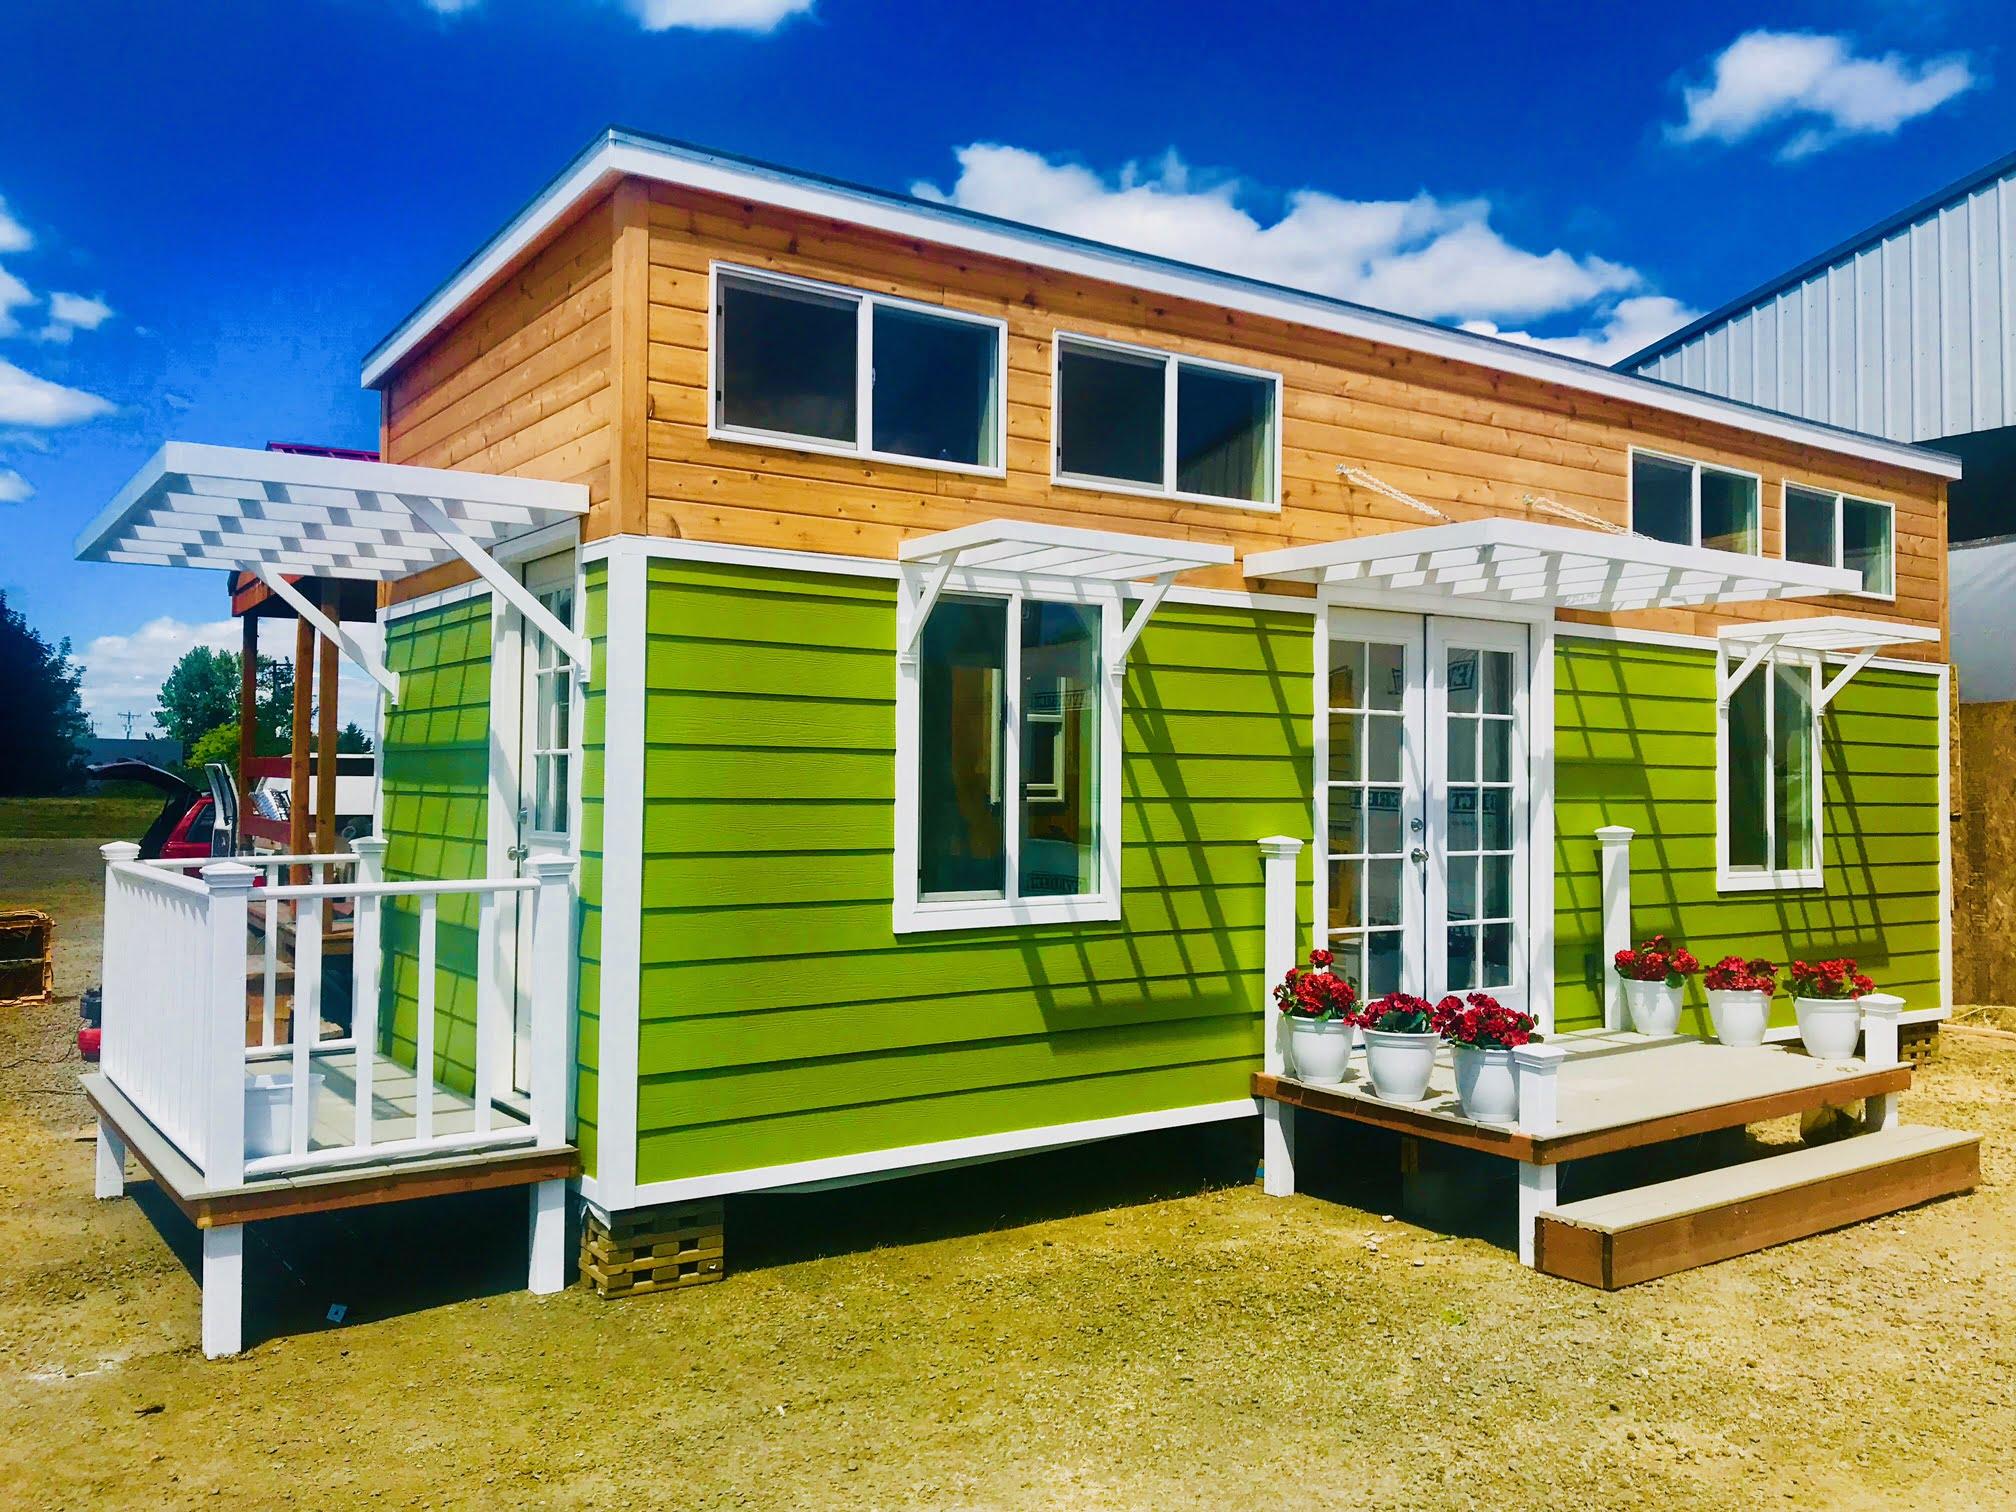 Modular-Tiny-House